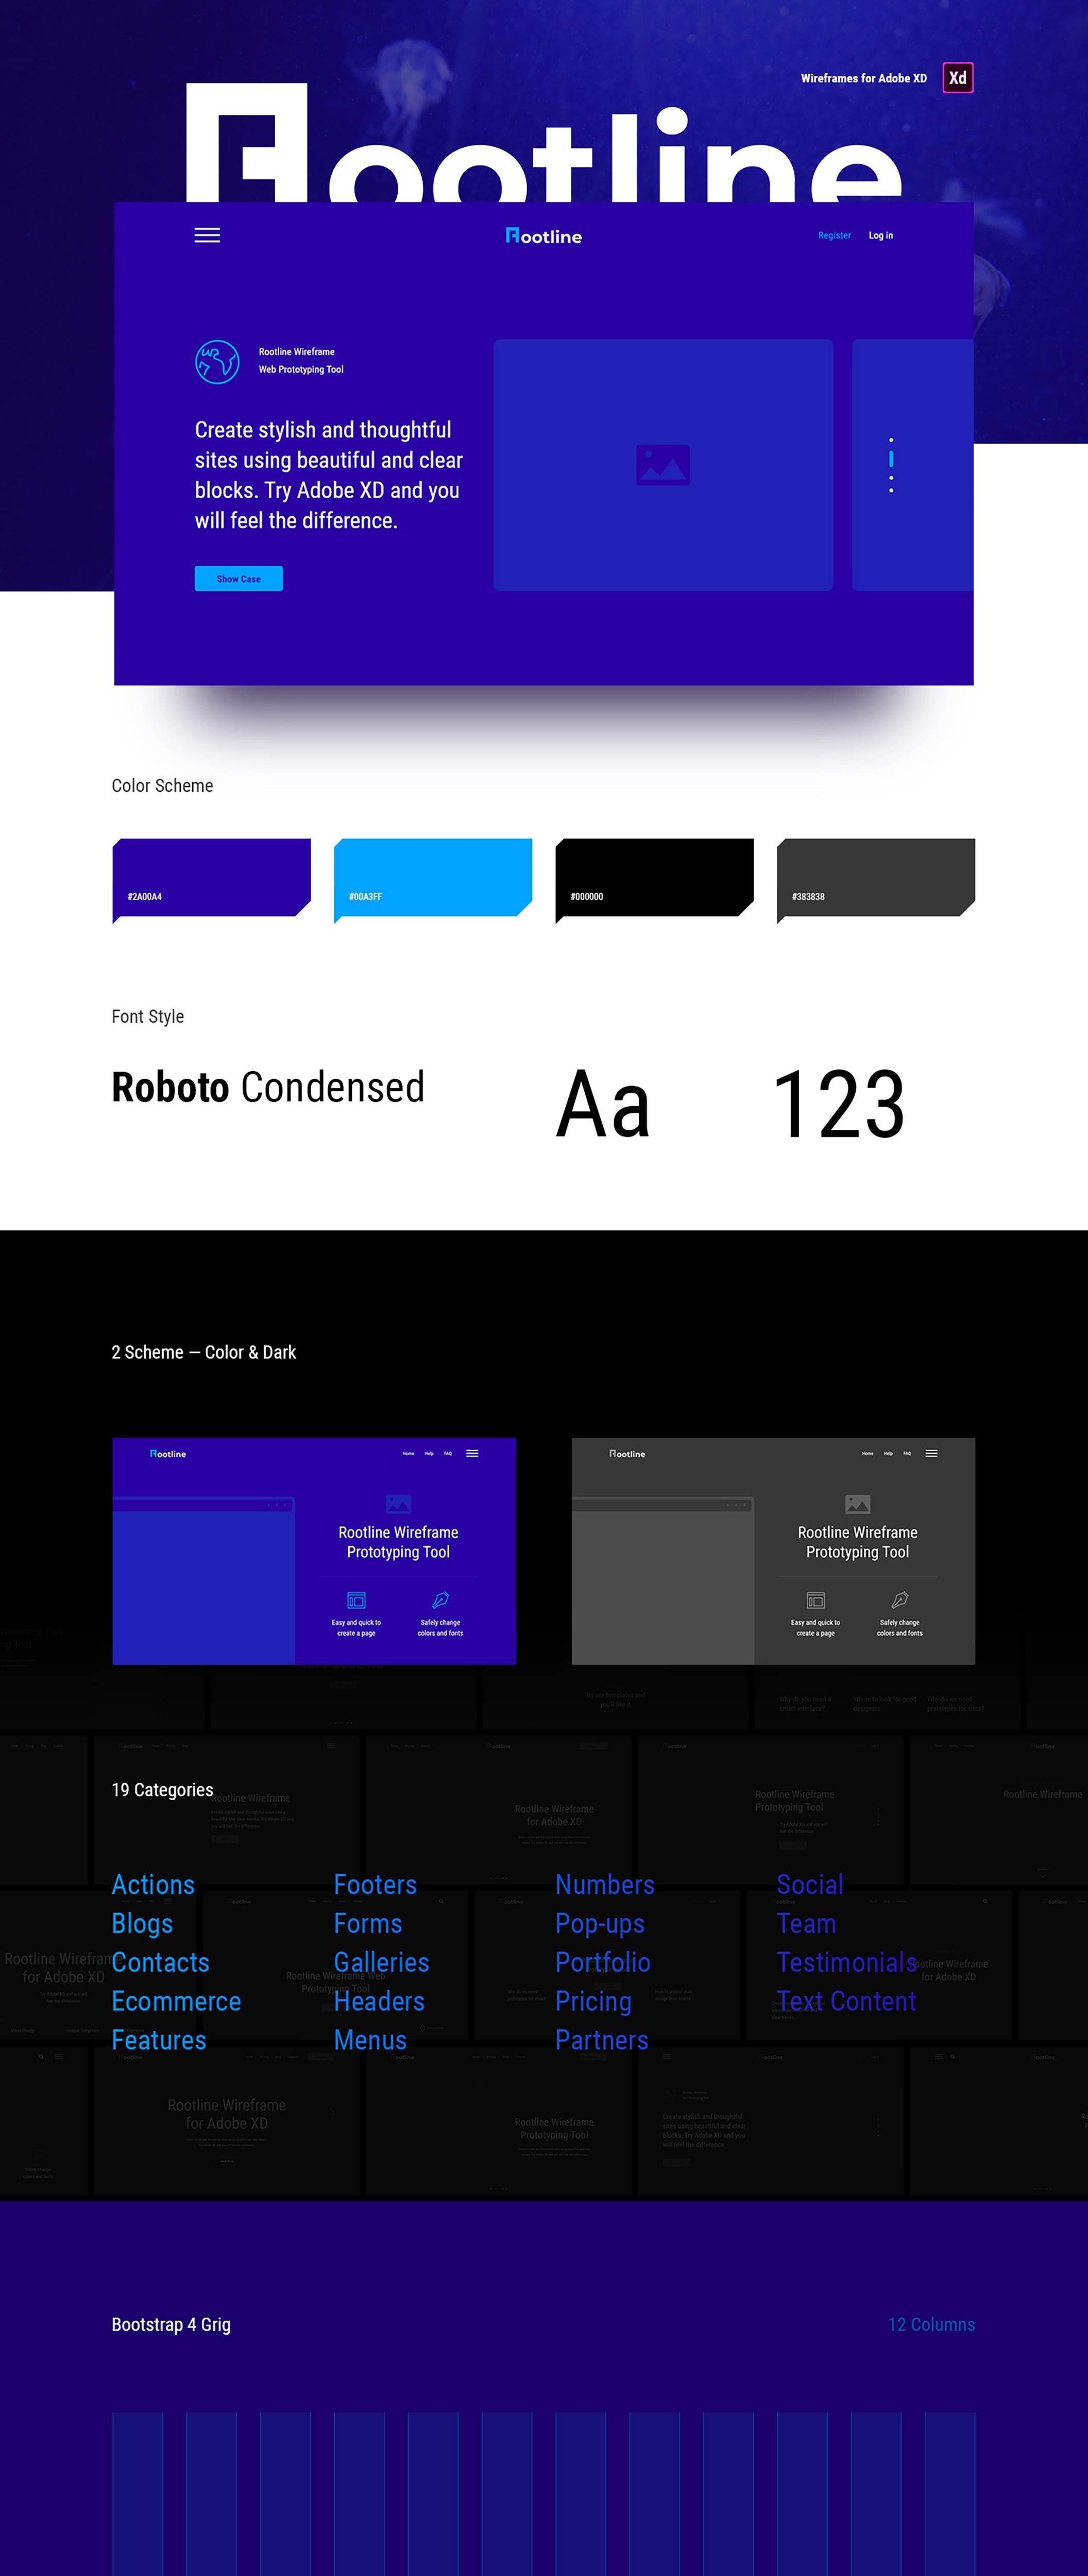 Rootline Wireframe UI Kit – Огромная библиотека готовых, стильных модулей для ваших проектов и прототипов